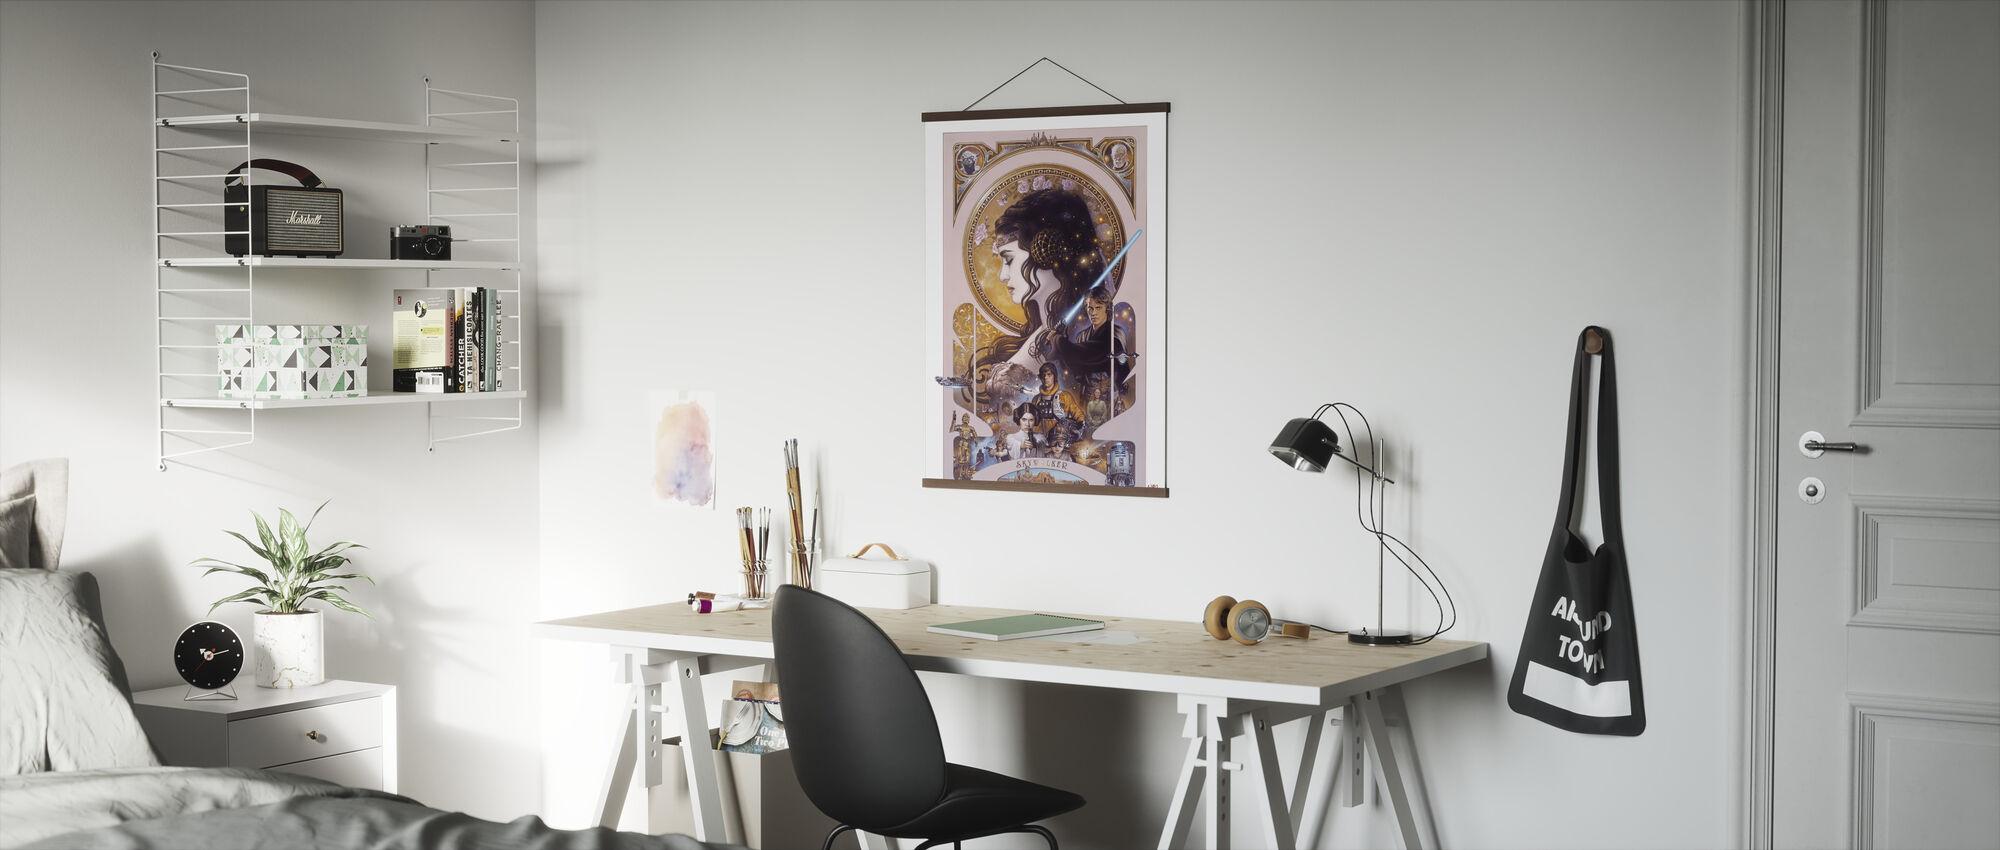 Stjärnornas krig - Anakin Skywalker och Padme Amidala konstverk - Poster - Kontor